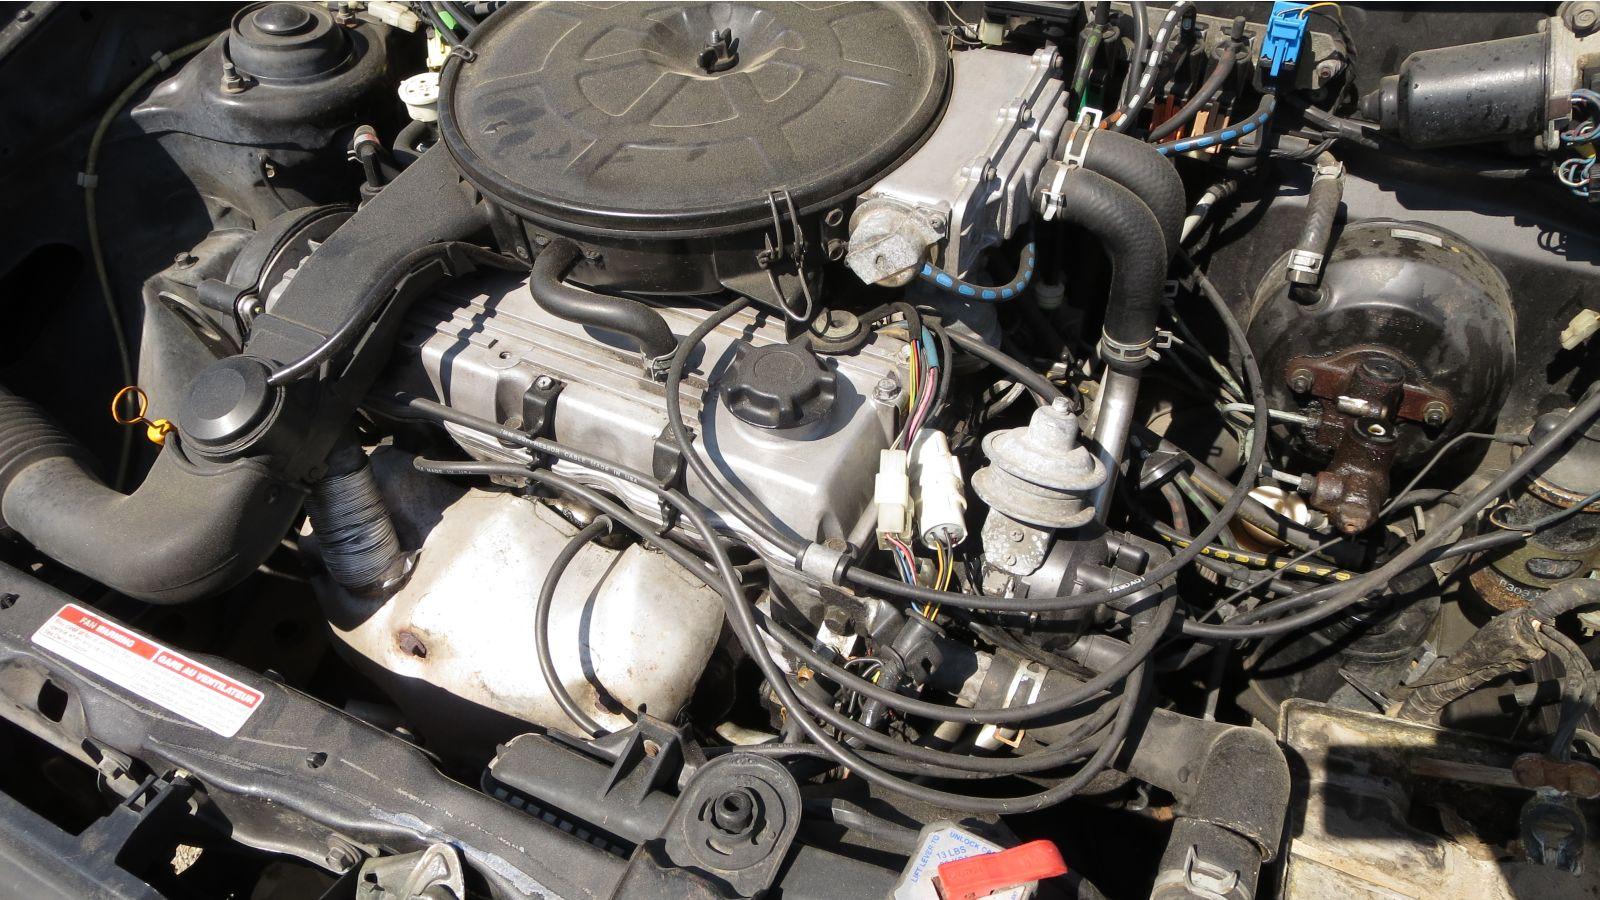 1993 Ford Festiva Engine Diagram Jl W7 Wiring Diagram Bege Wiring Diagram